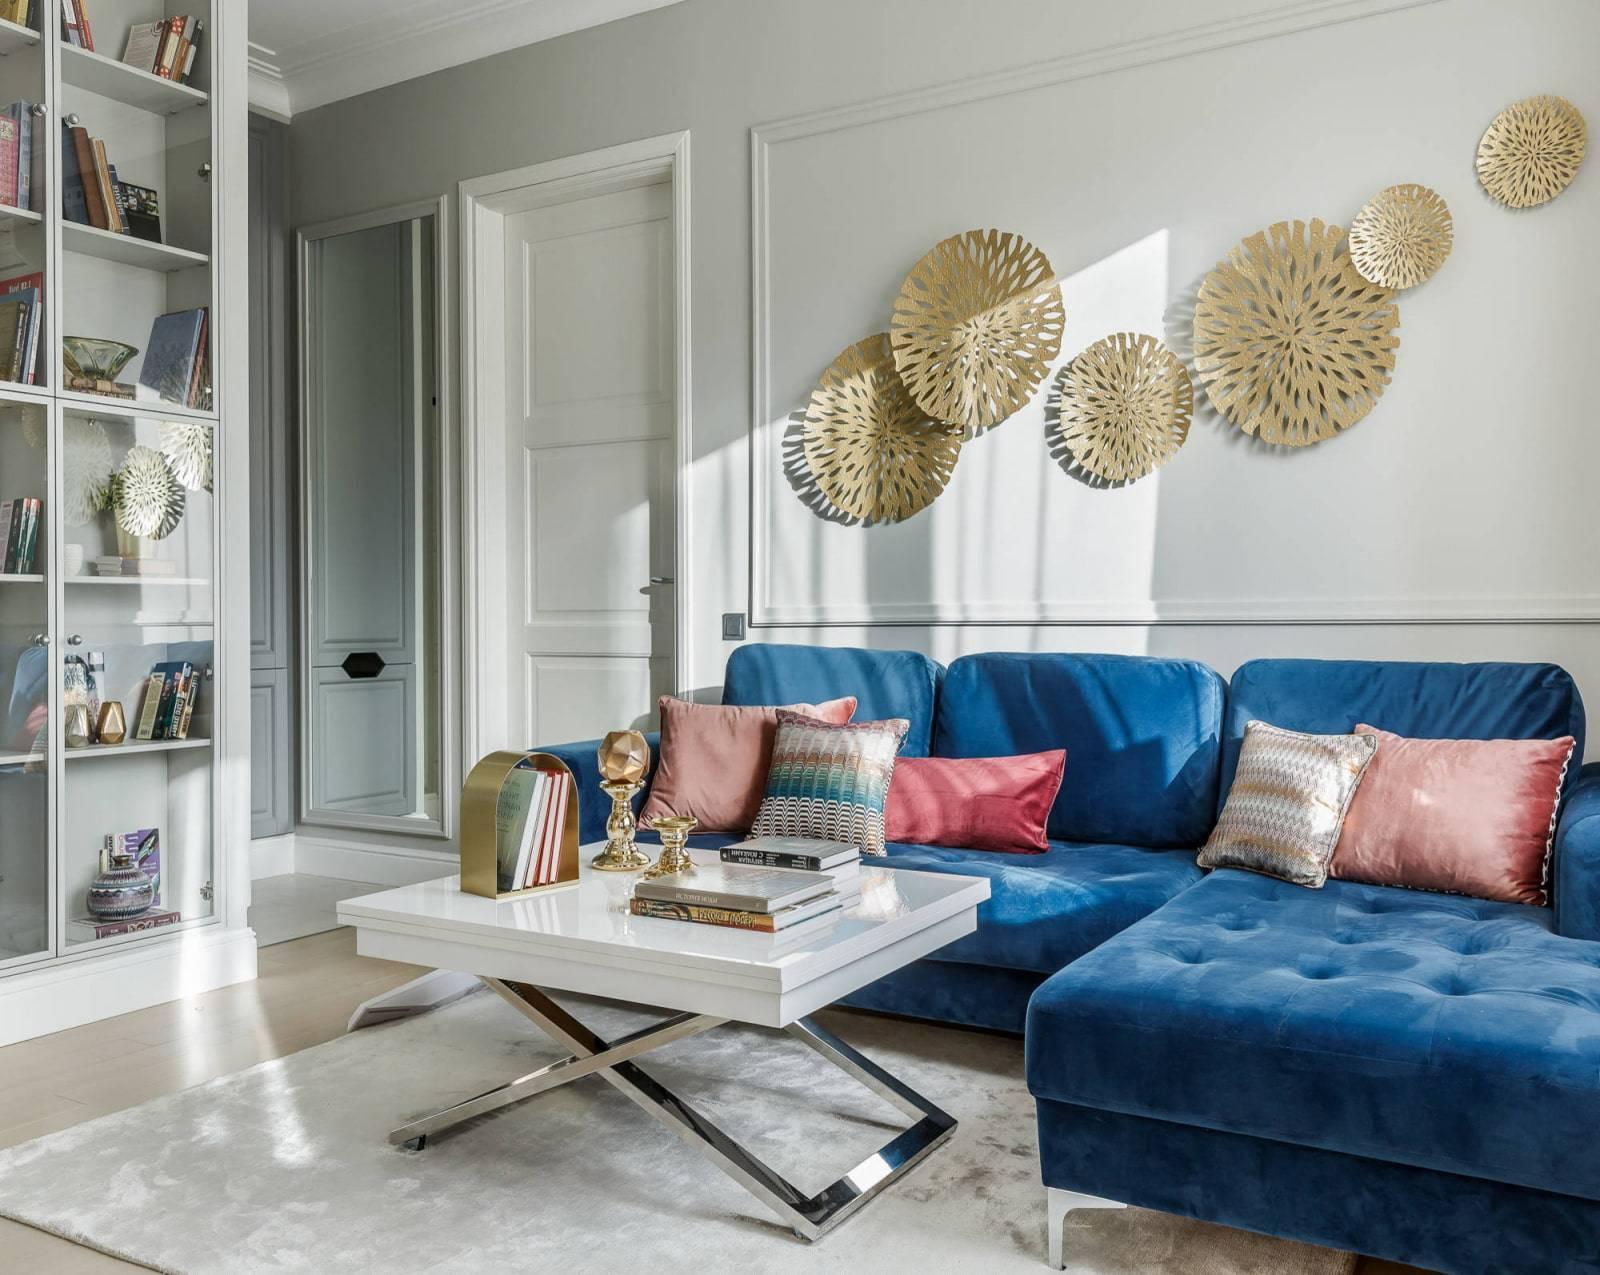 Как выбрать цвет дивана в интерьере: типы расцветок и цветовые планы для гостиной и других помещений